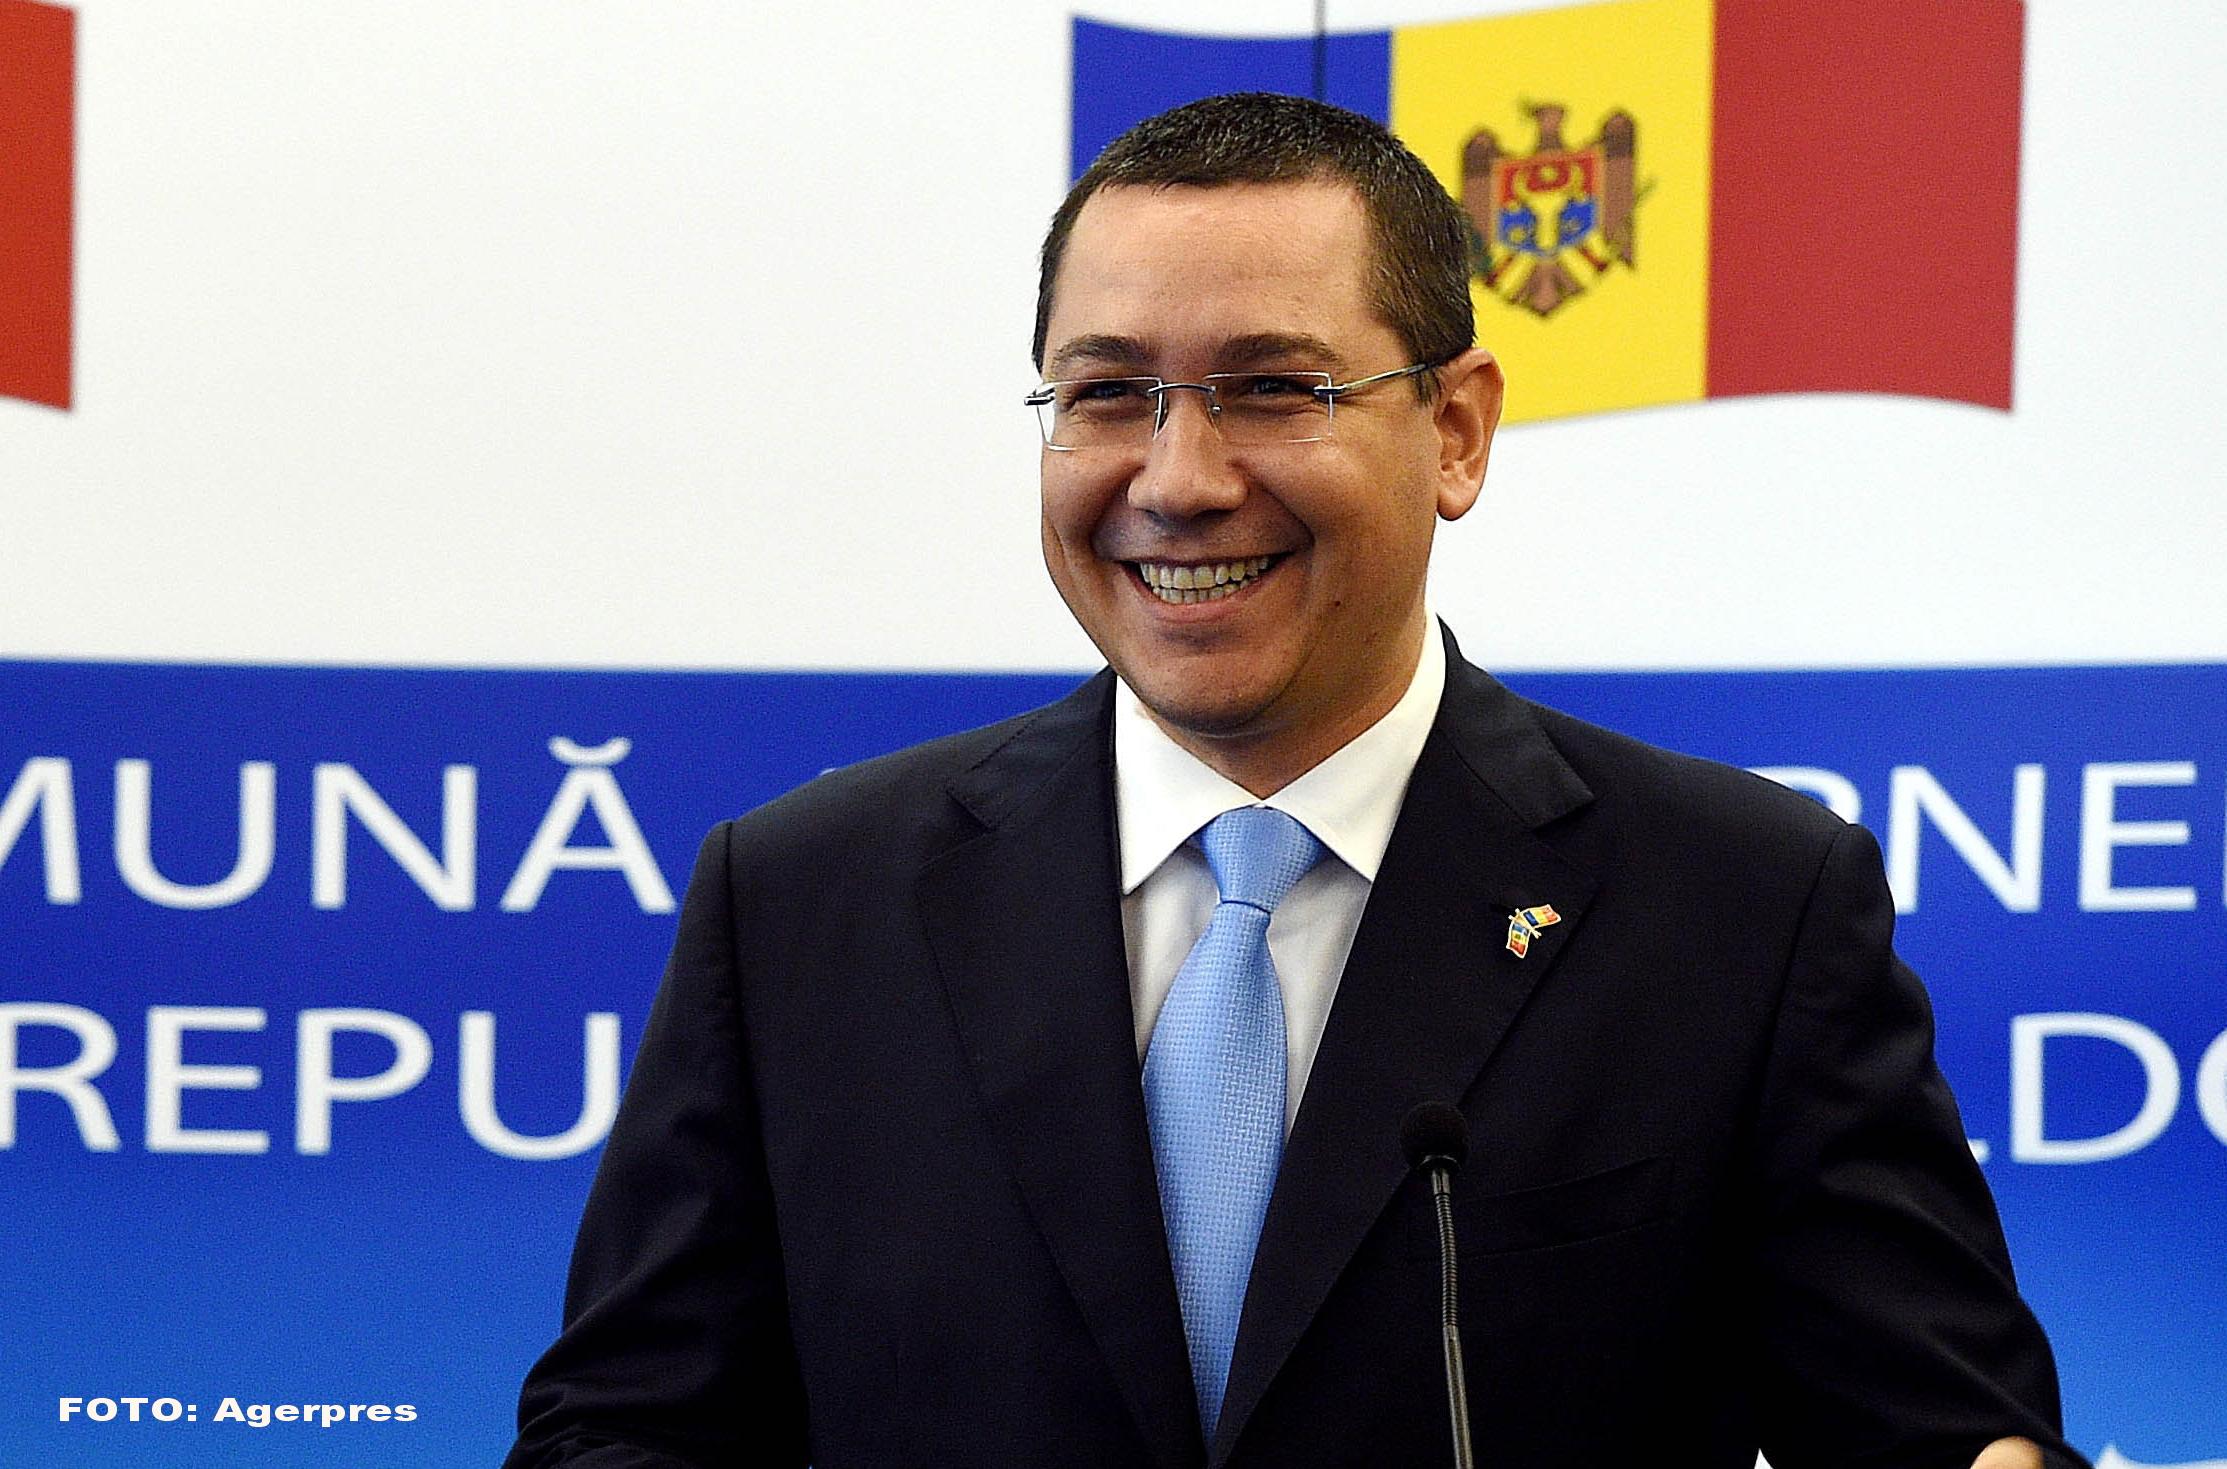 Premierul Victor Ponta: Anul acesta au fost incasari bugetare cu 13 miliarde de lei in plus fata de cele estimate